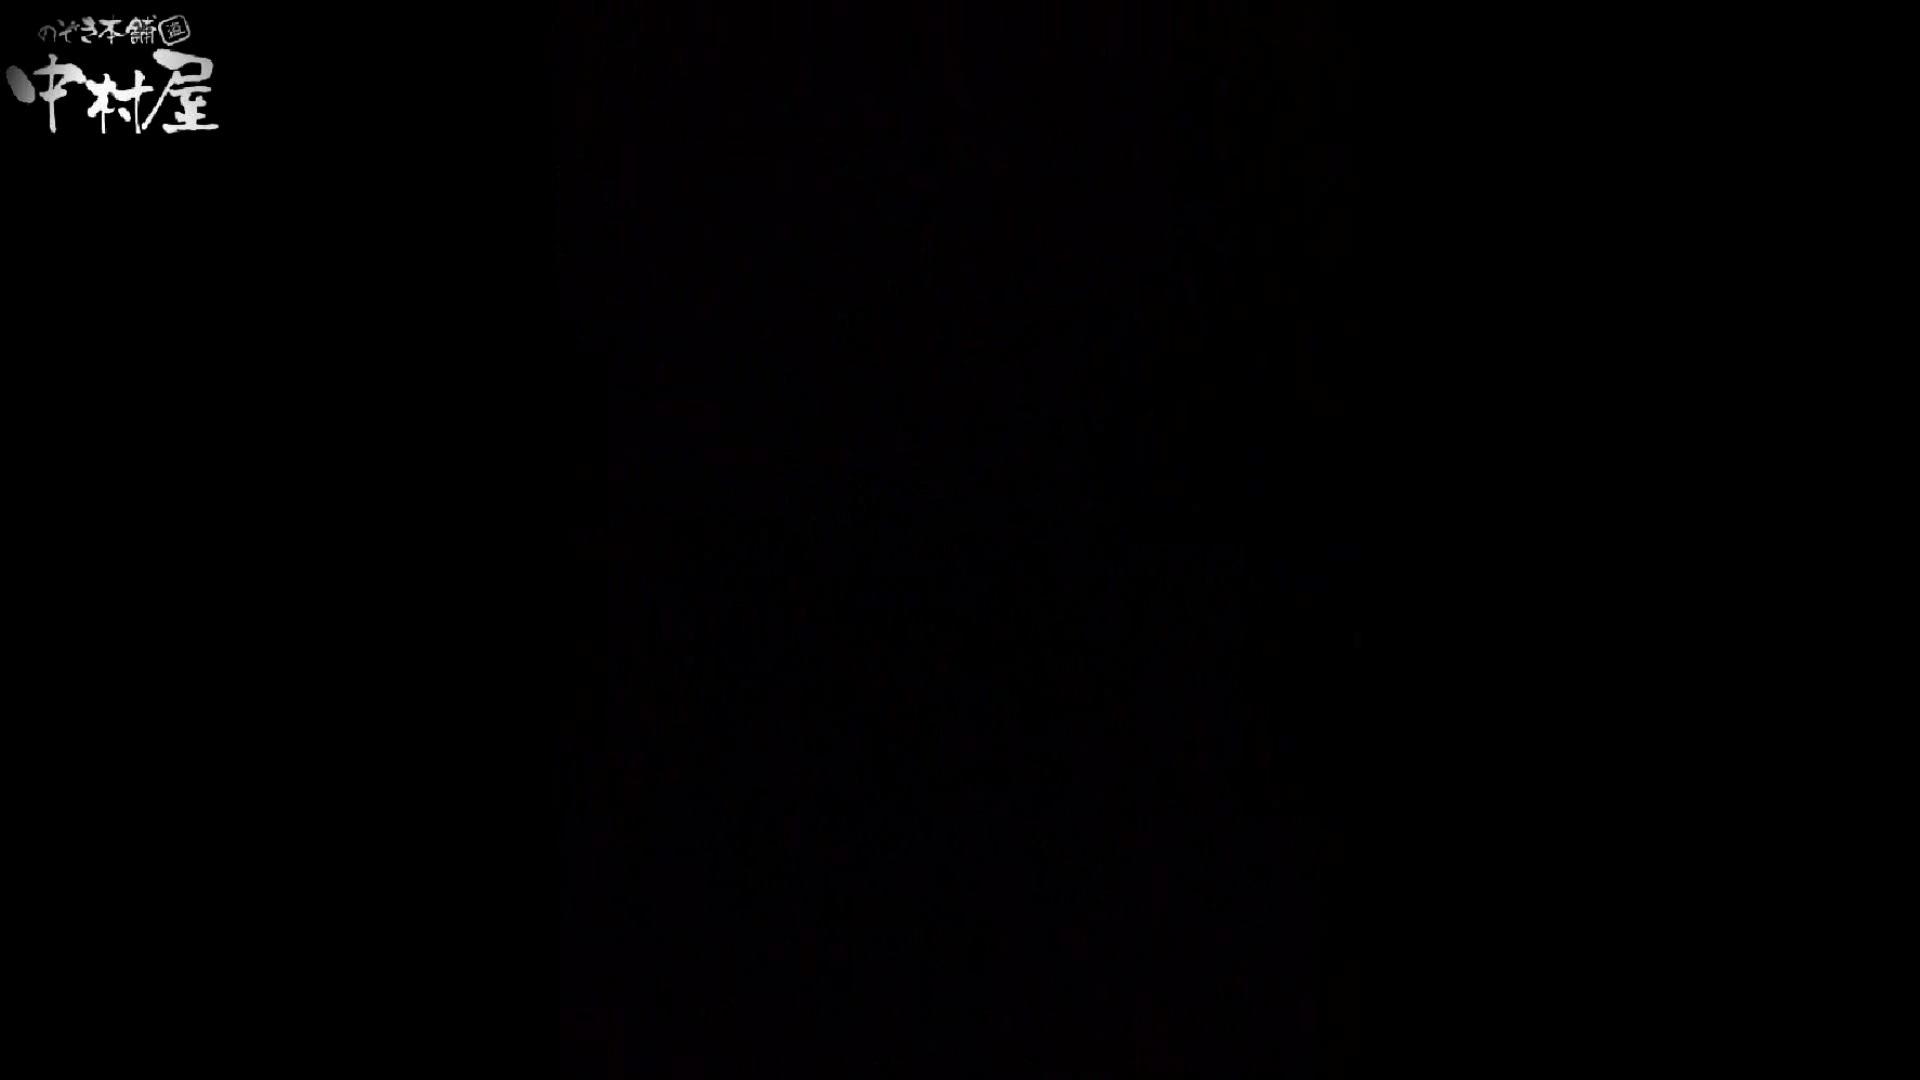 民家風呂専門盗撮師の超危険映像 vol.012 エロい美少女 濡れ場動画紹介 89PIX 14